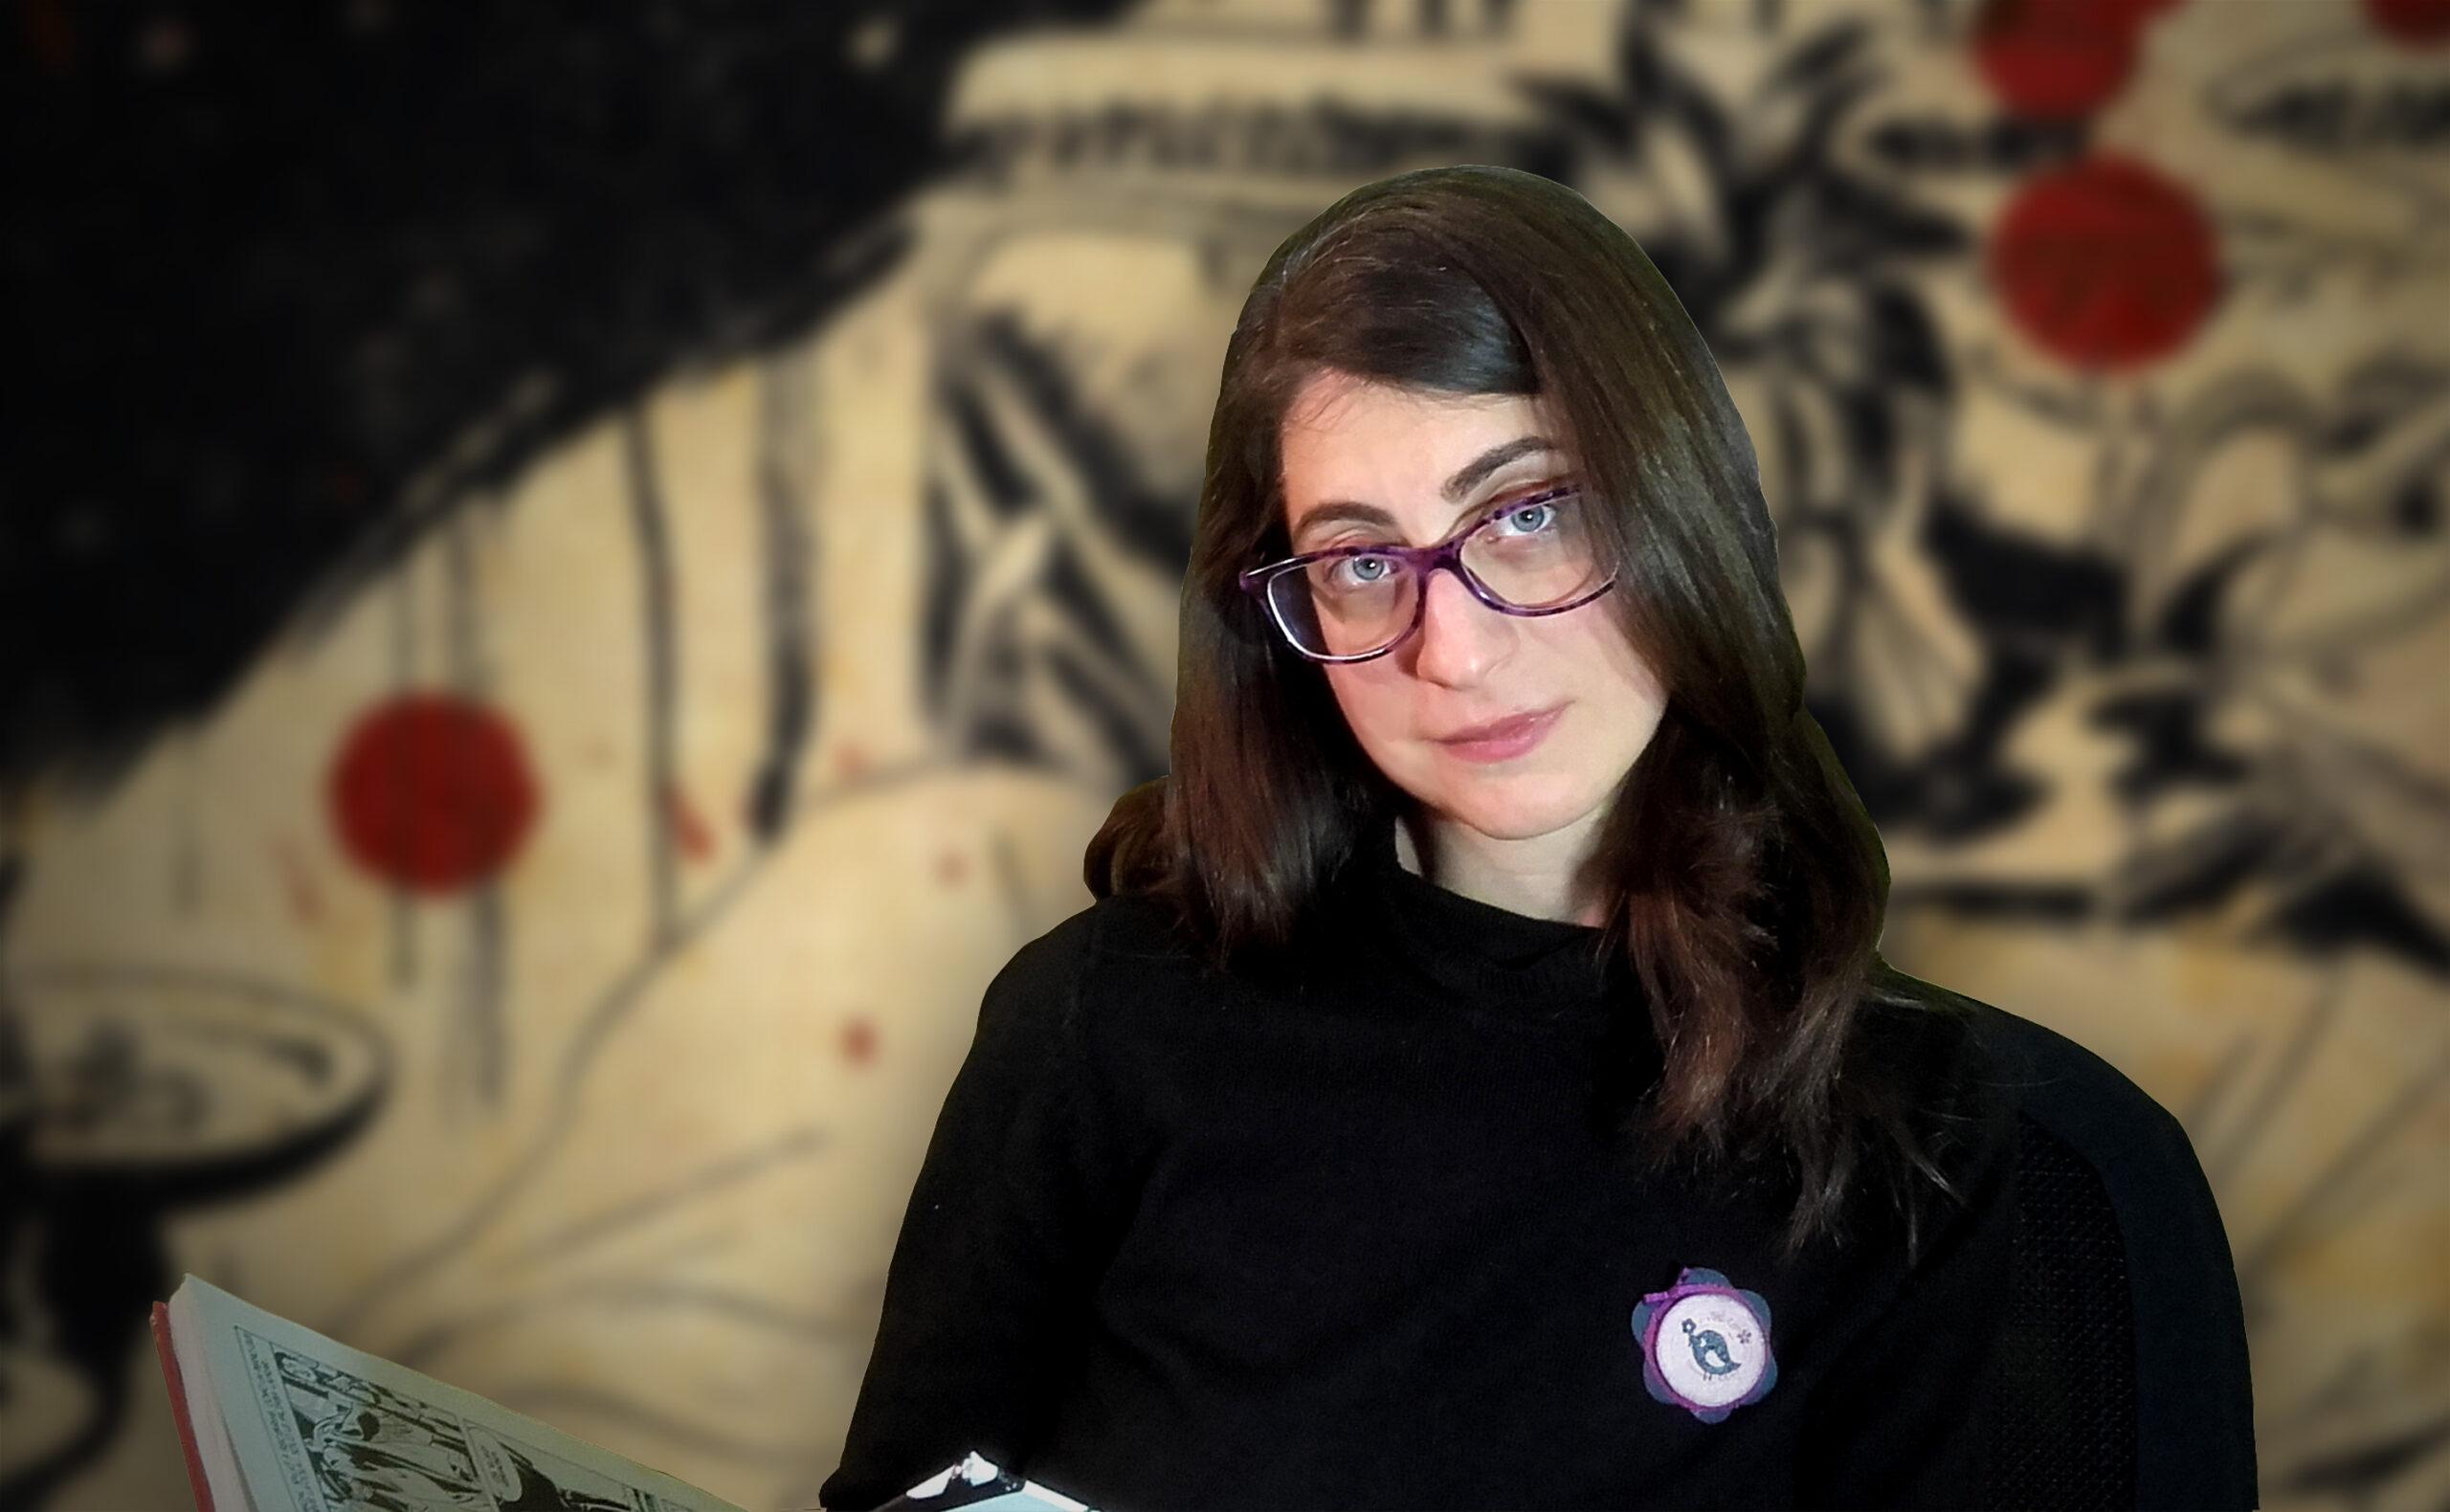 Cristina Hombrados